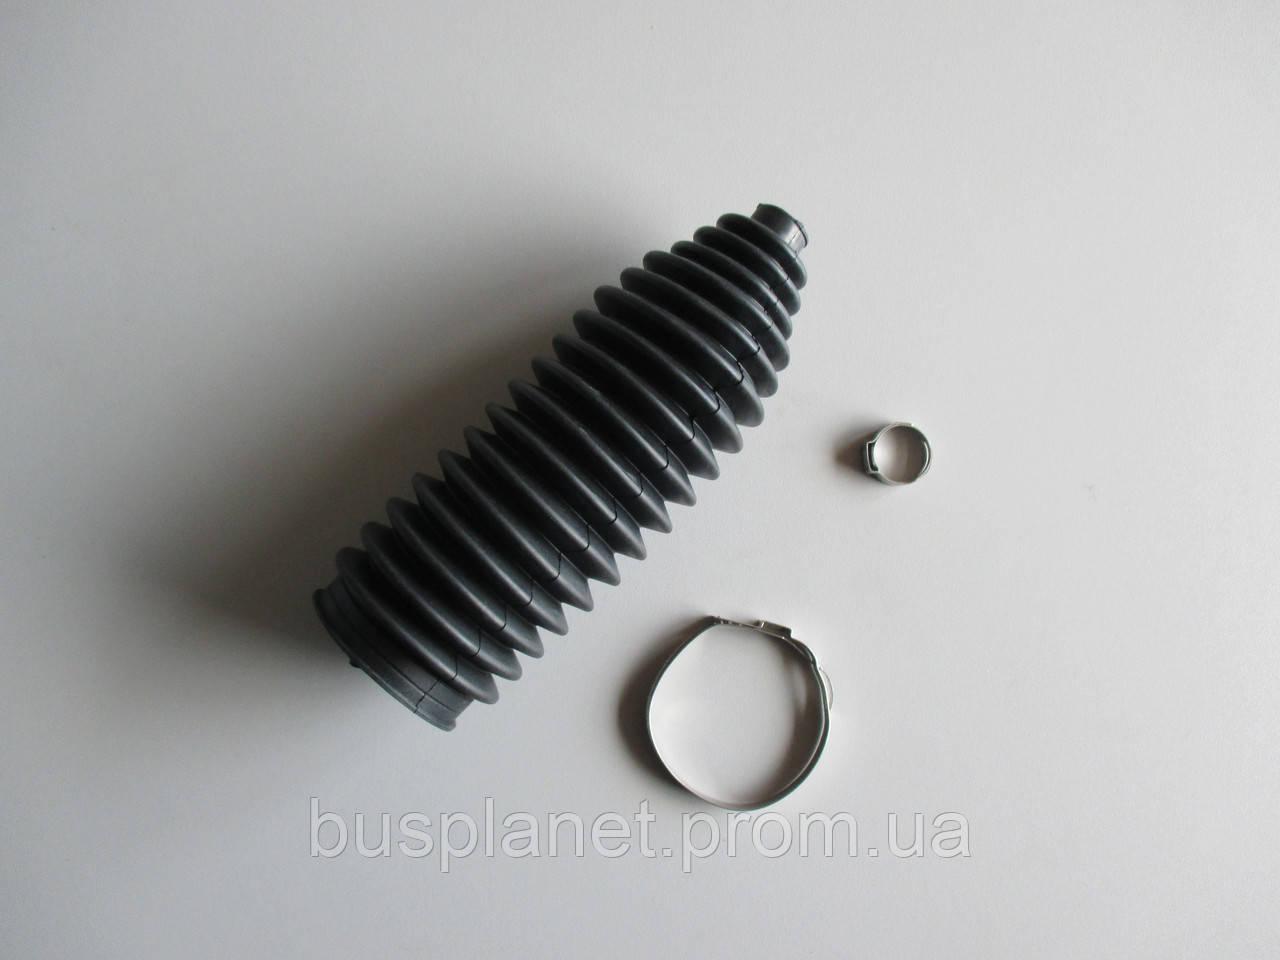 Пыльник рулевой тяги (резиновый) Mercedes Sprinter TDI